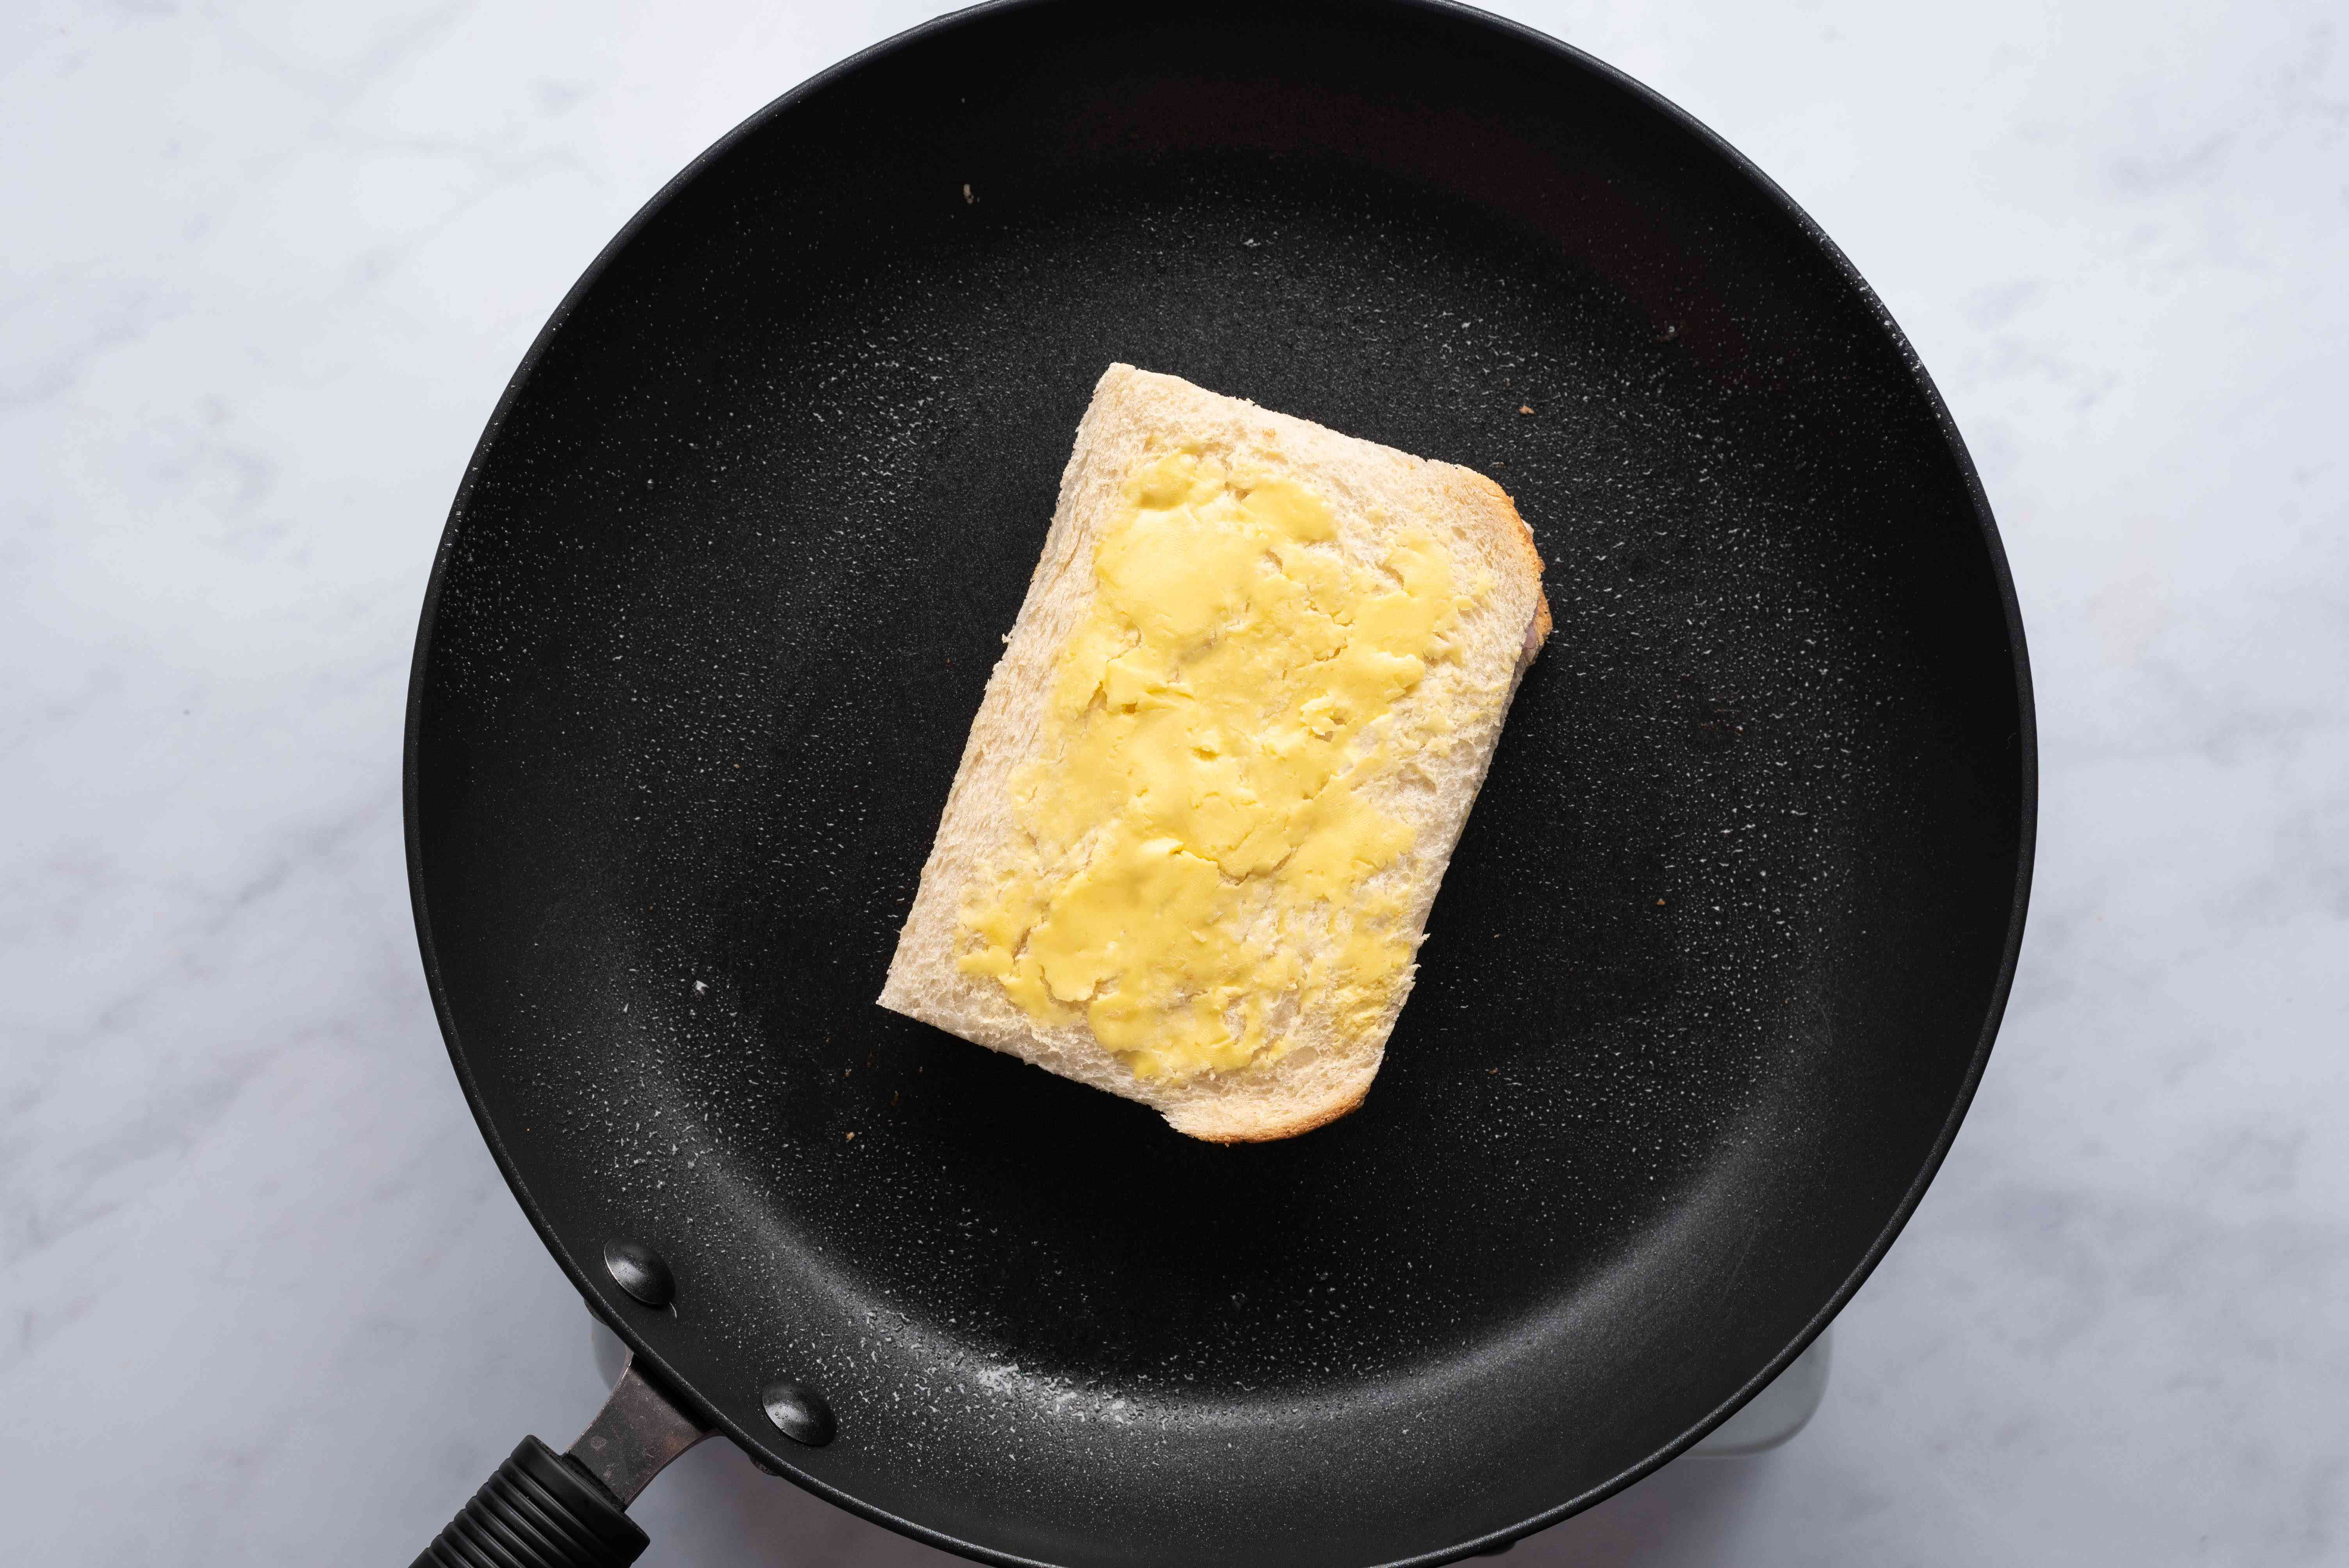 sandwich in a pan